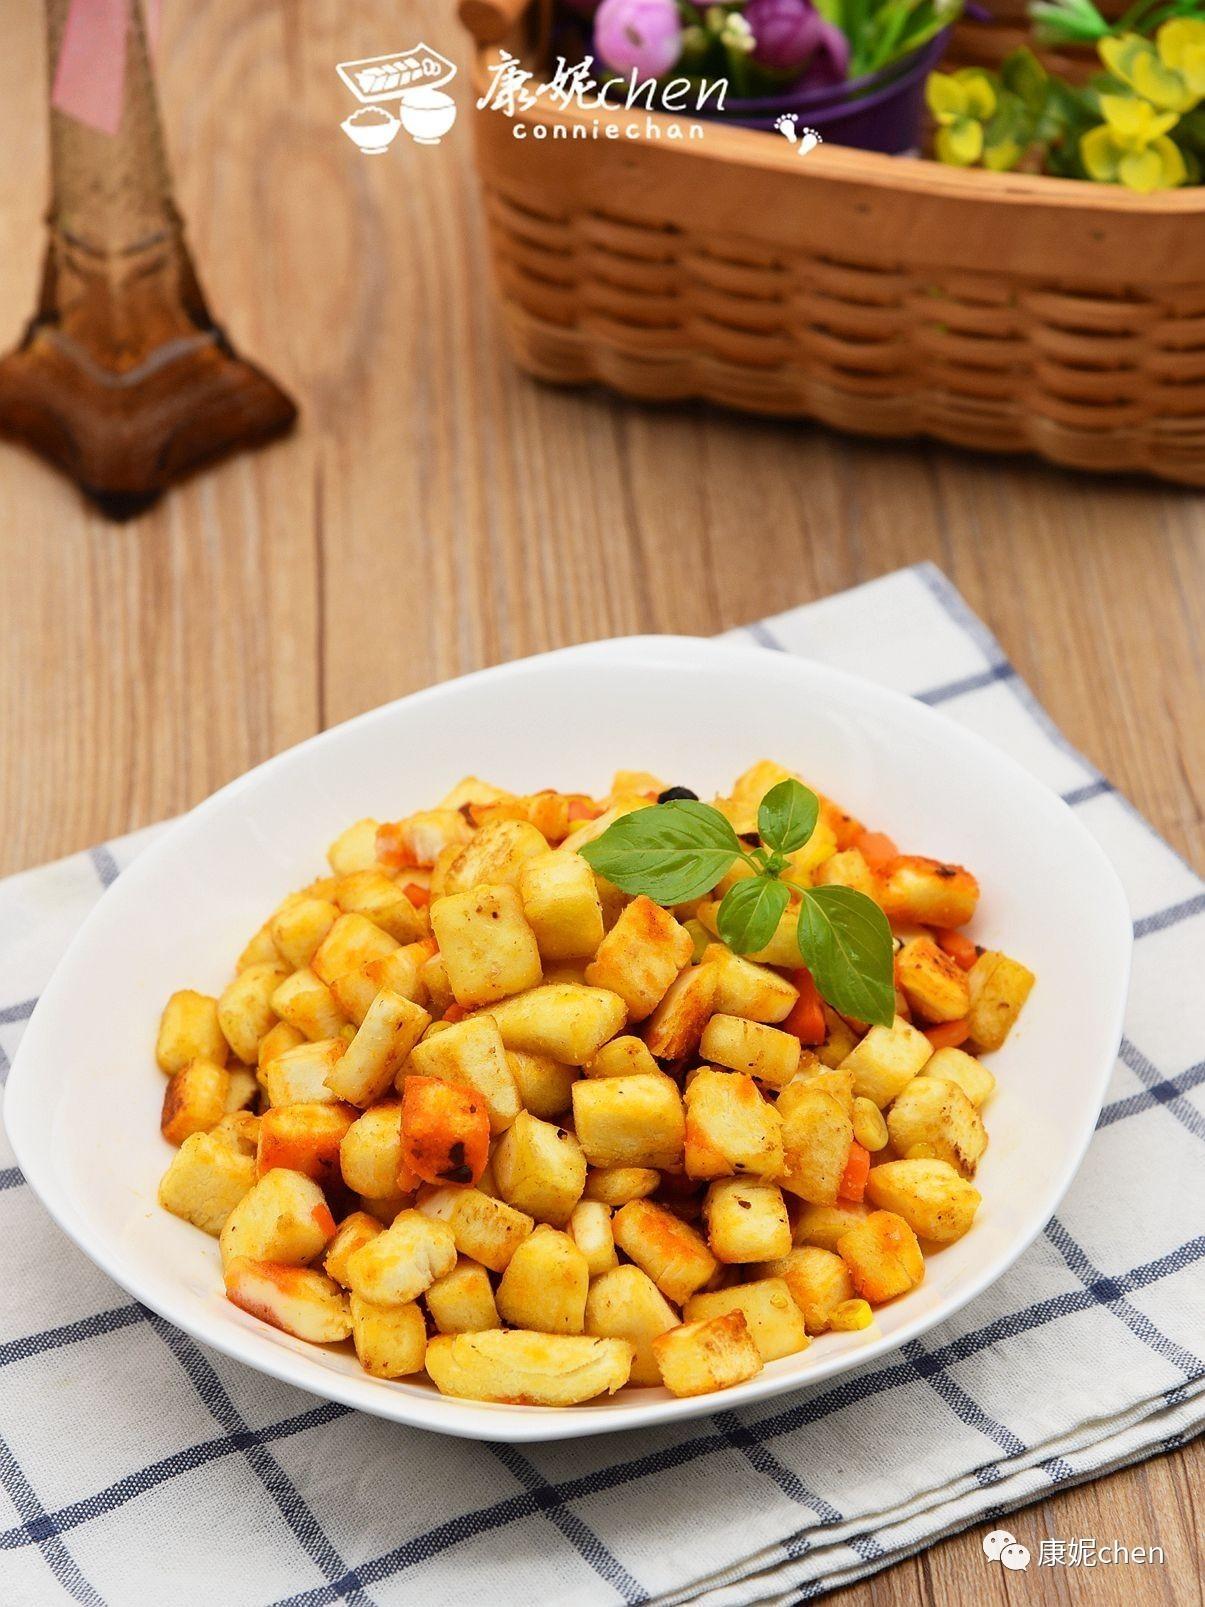 馒头新吃法,色泽金黄,快手早餐也能营养均衡